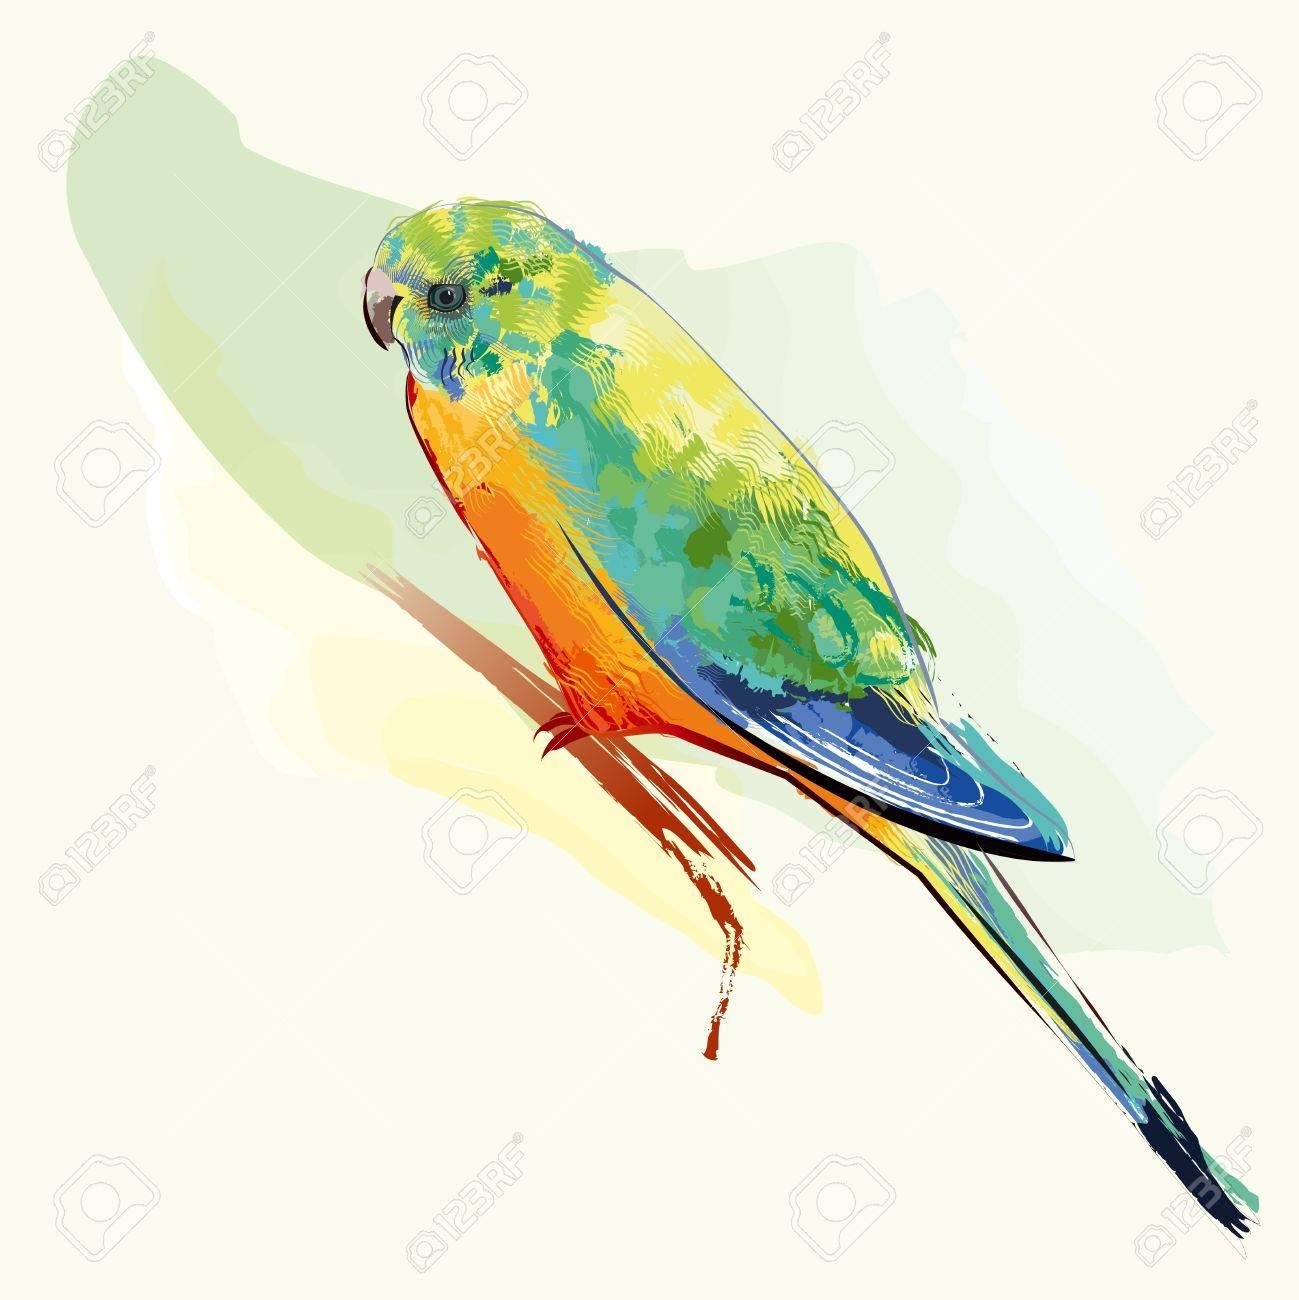 カラフルな羽のインコ鳥のイラスト素材 ベクタ Image 9827104